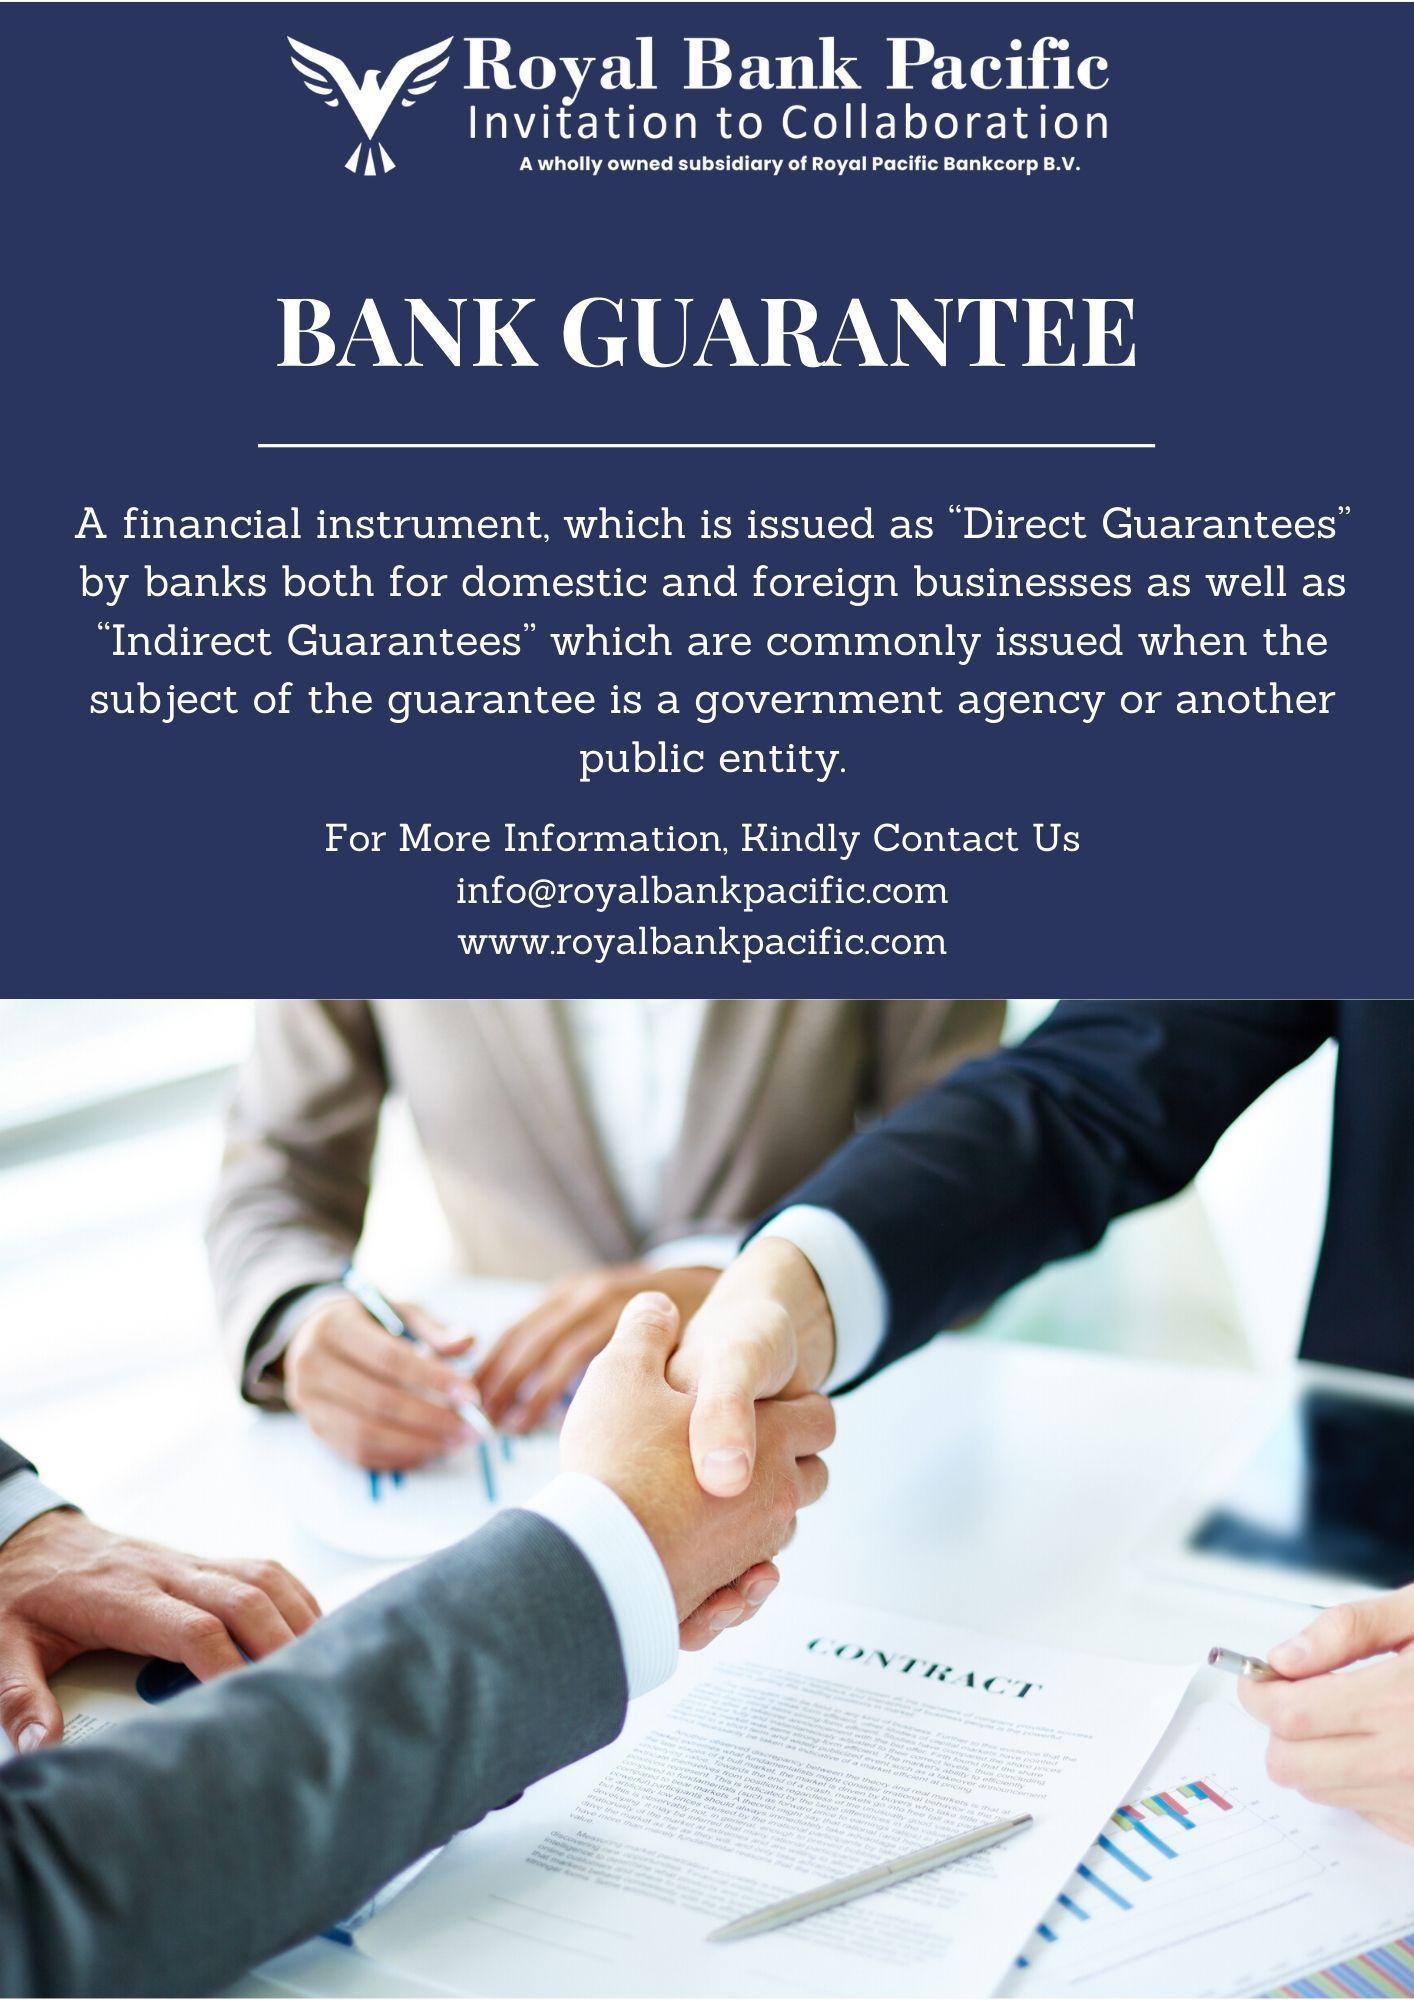 Bank Guarantee Royal Bank Pacific Royal Bank Financial Instrument Private Banking